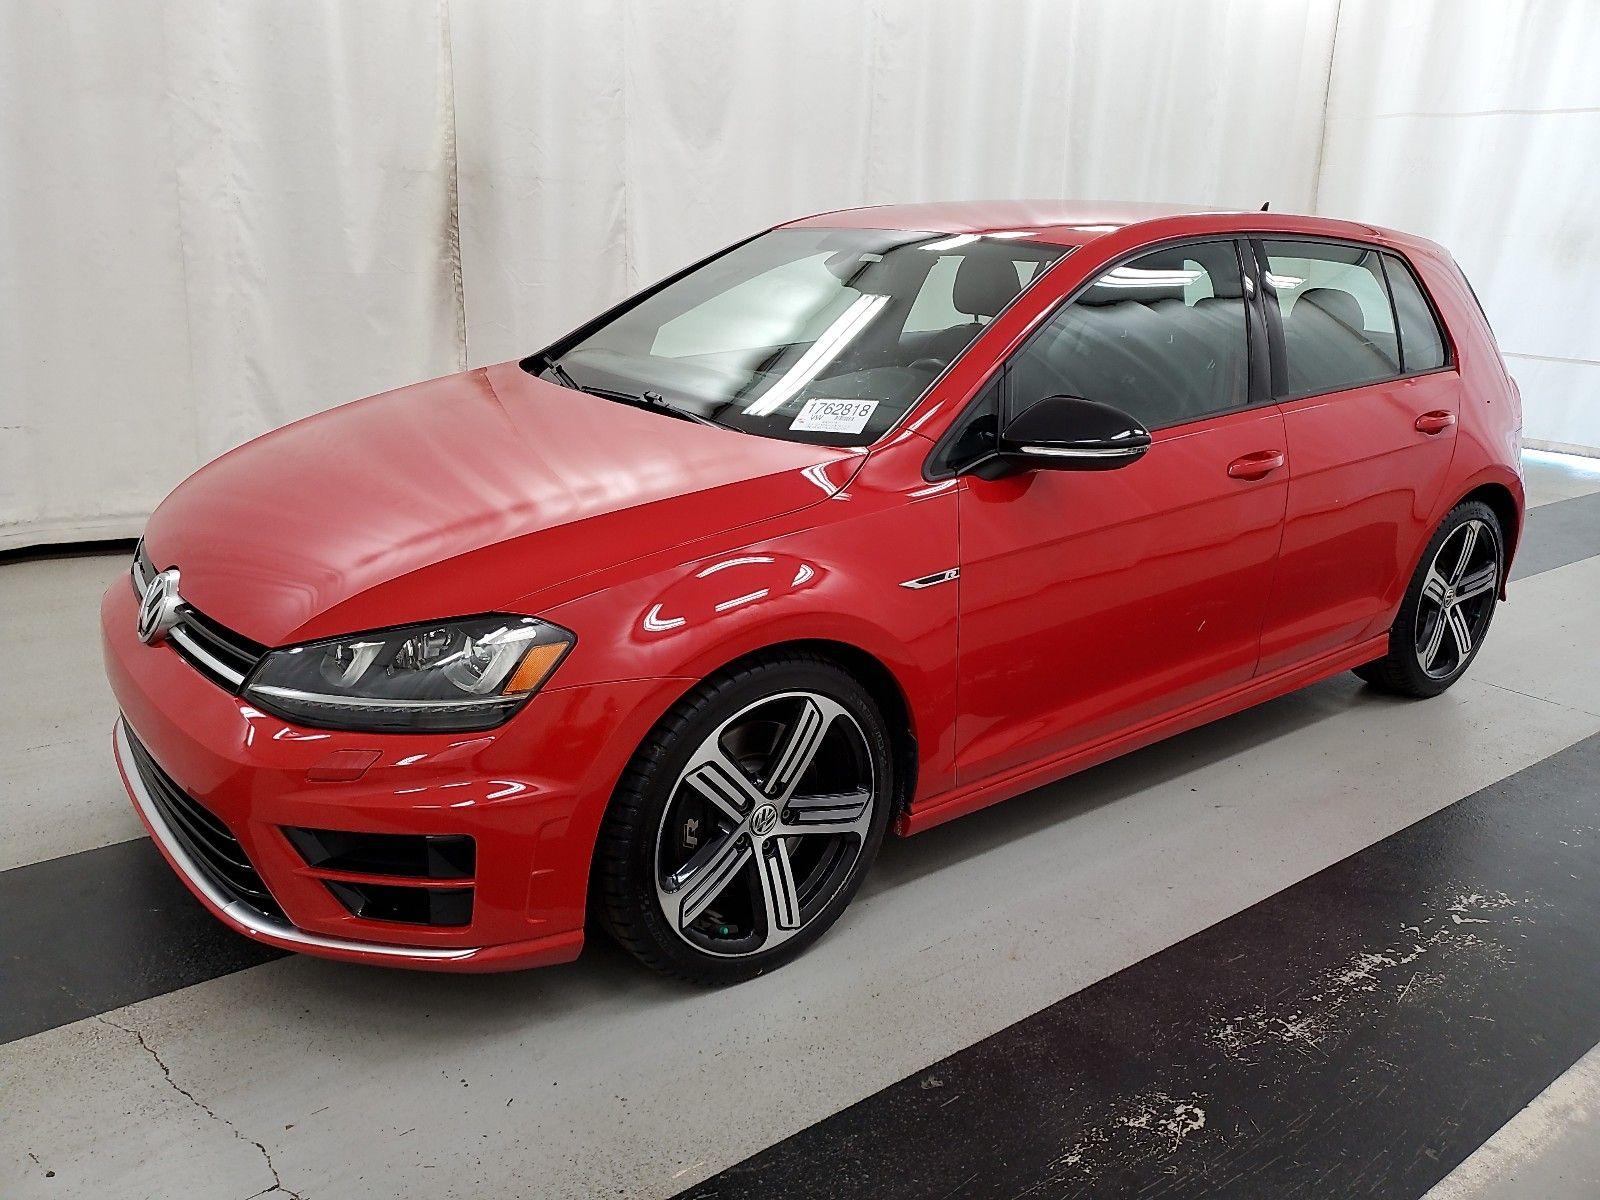 2016 Volkswagen Golf r 2.0. Lot 99912228006 Vin WVWLF7AU0GW241621